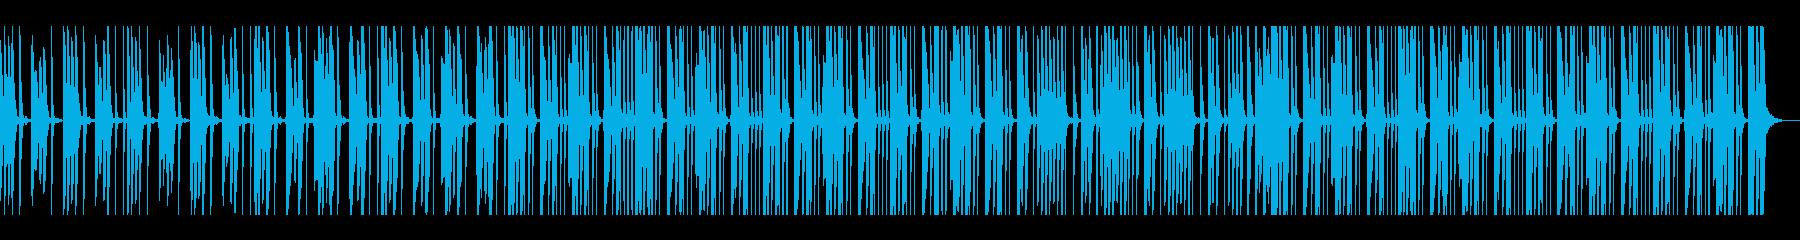 キュートでキャッチーなメルヘンの世界の再生済みの波形